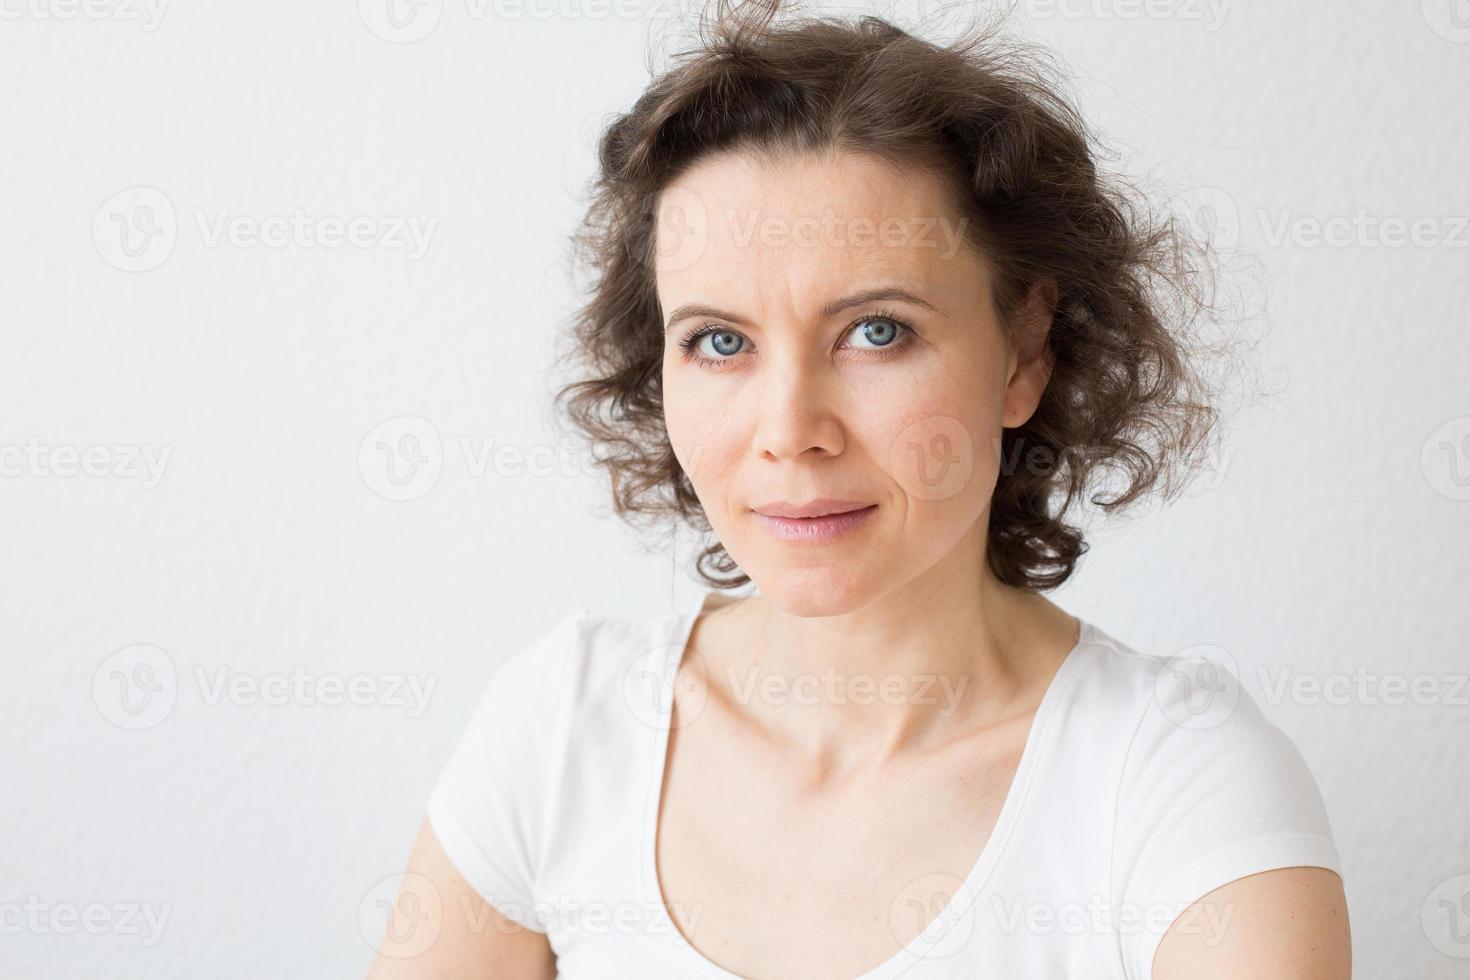 brunhårig kvinna, avsiktlig titt på kameran foto